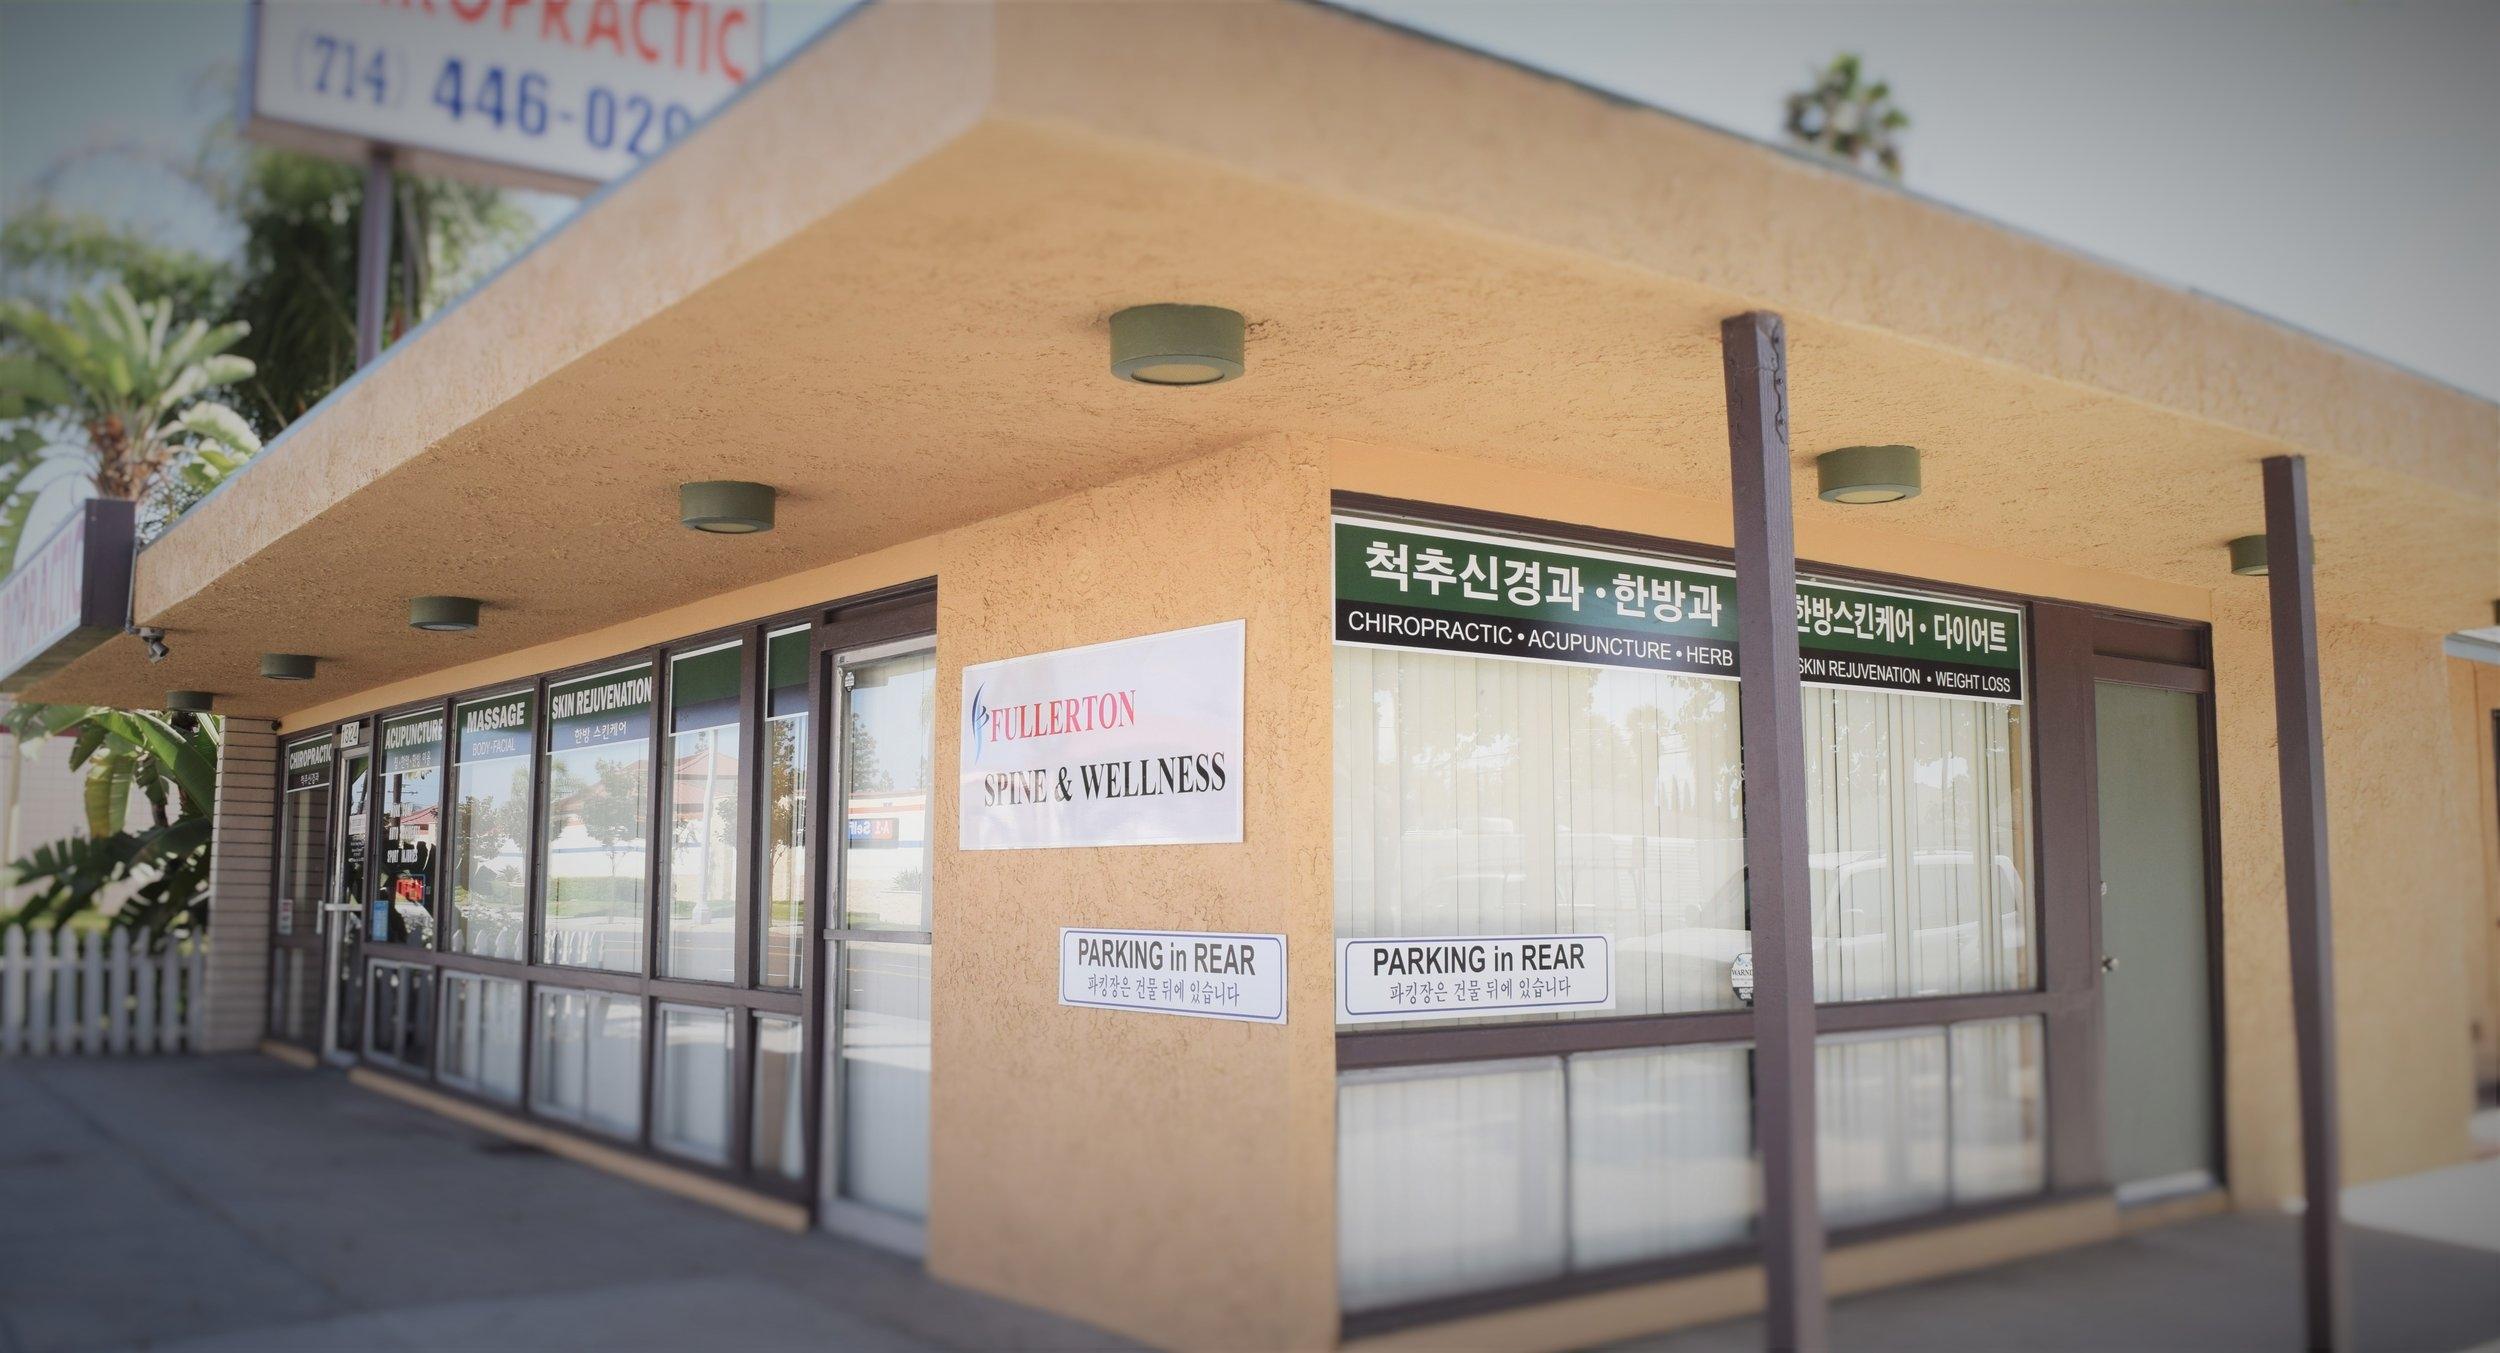 Fullerton Spine and Wellness Center